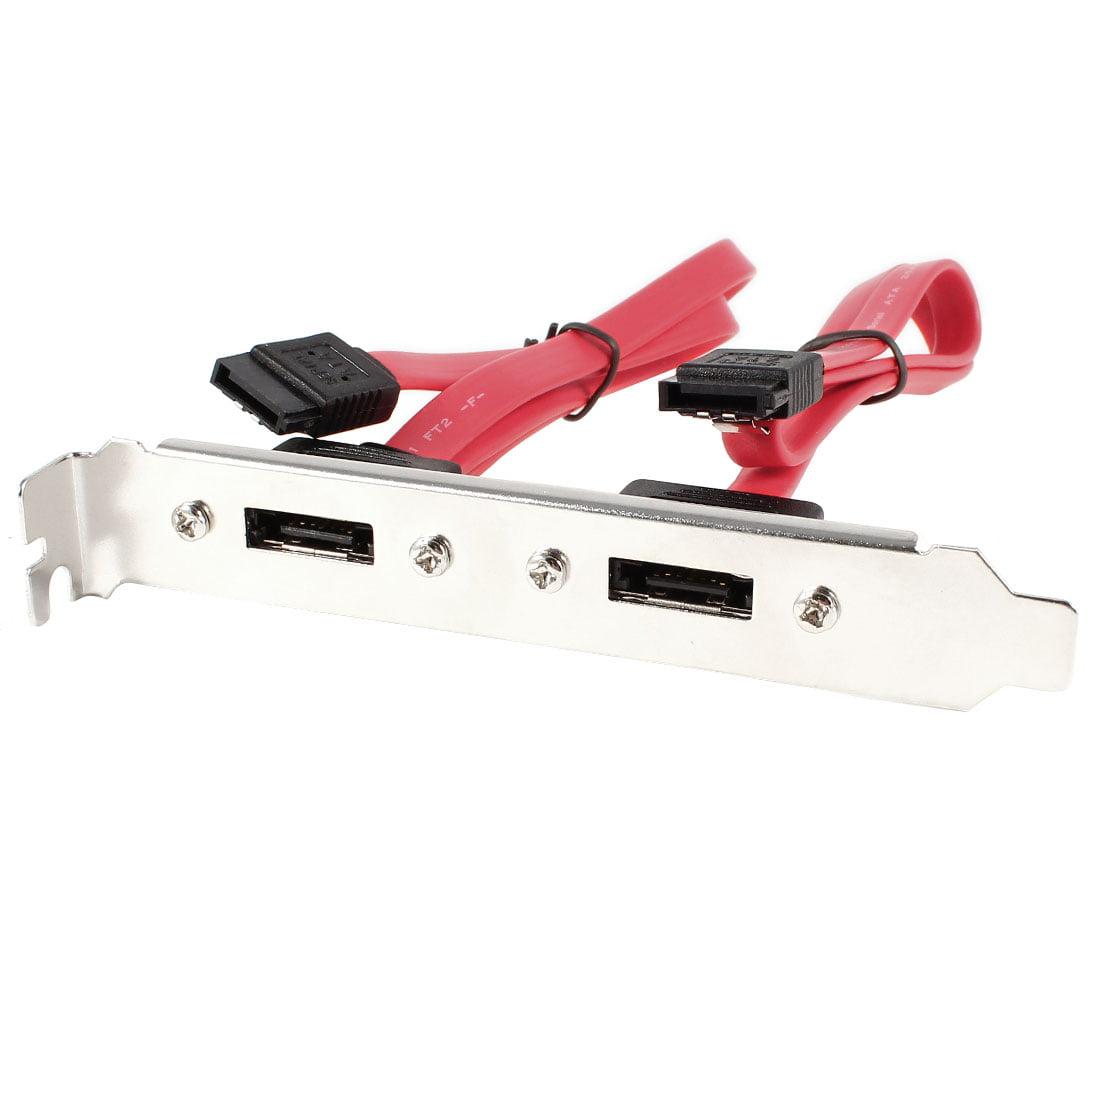 Unique Bargains Dual External eSATA to Double Internal SATA 7 Pin f/f Cable PCI Bracket Slot